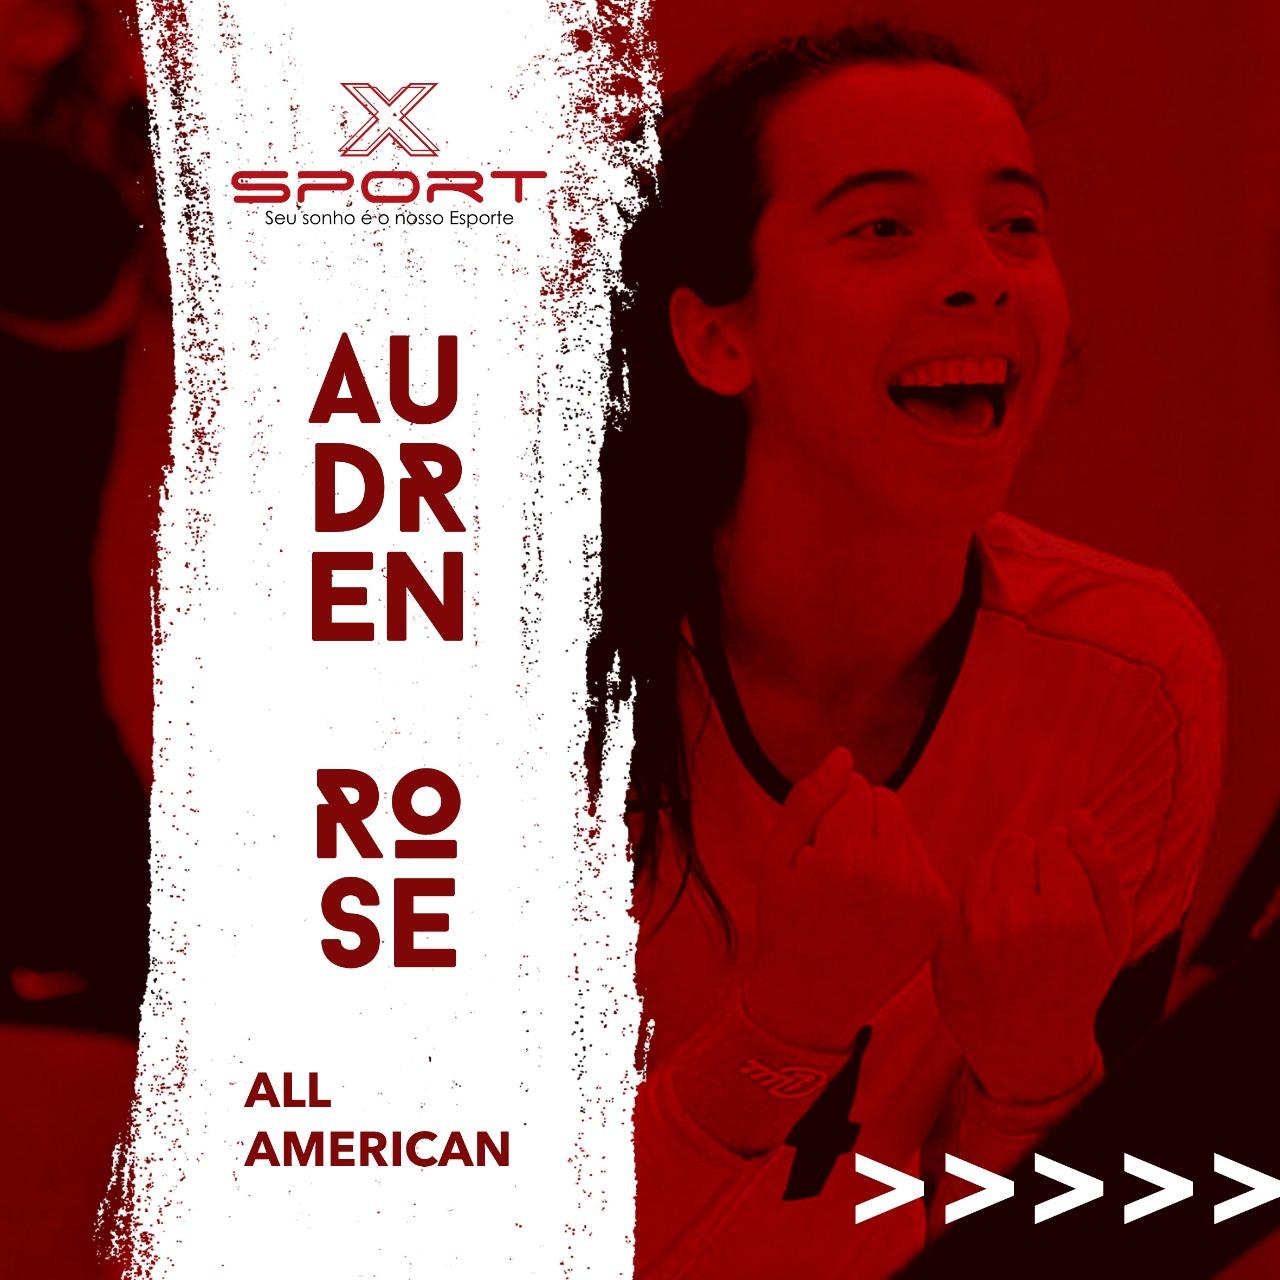 Audren Rose recebeu a premiação de All American pela liga NCAA